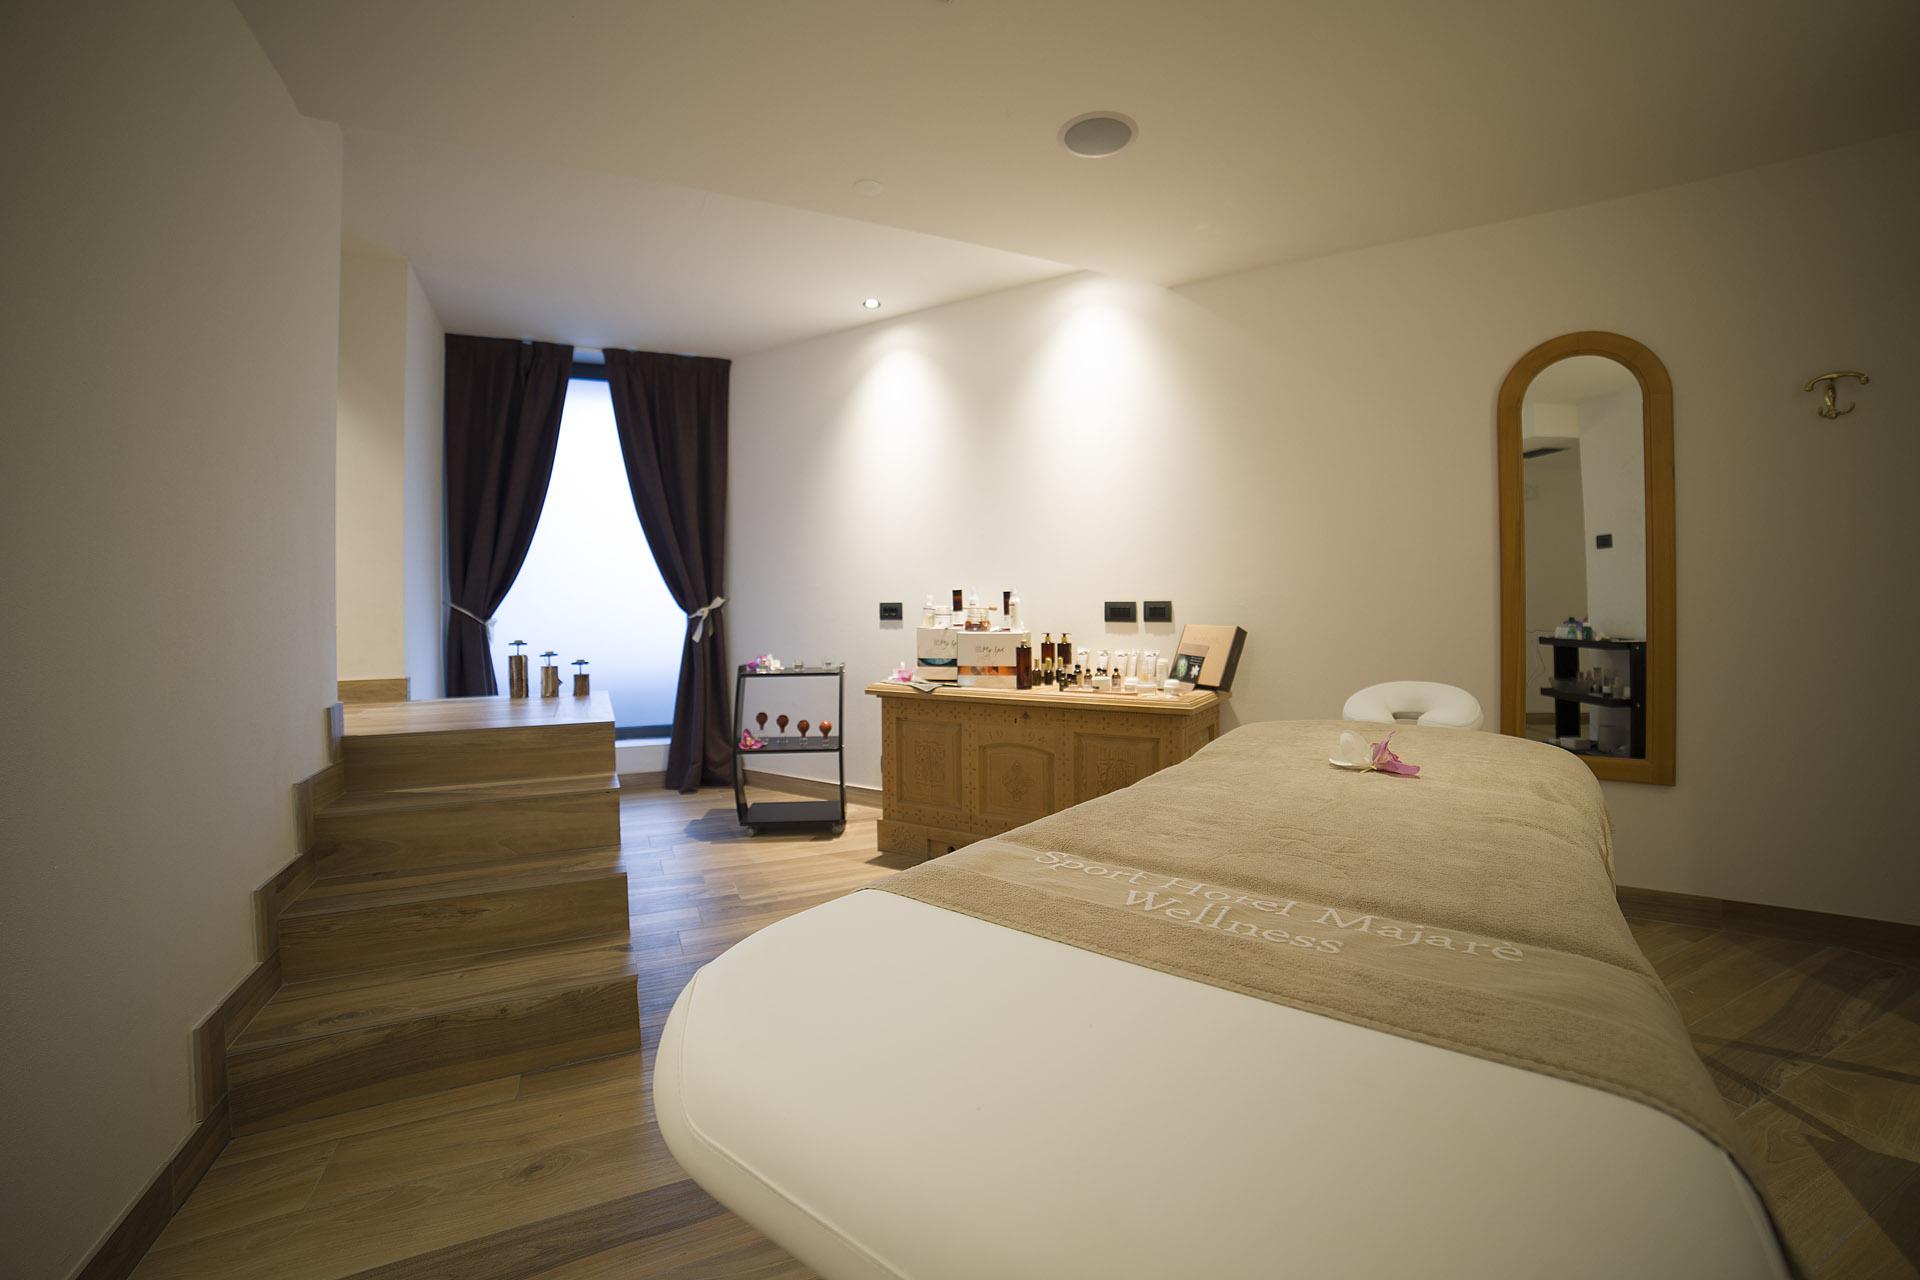 BEAUTY TREATMENTS <br>HOTEL MAJARE' - POZZA DI FASSA